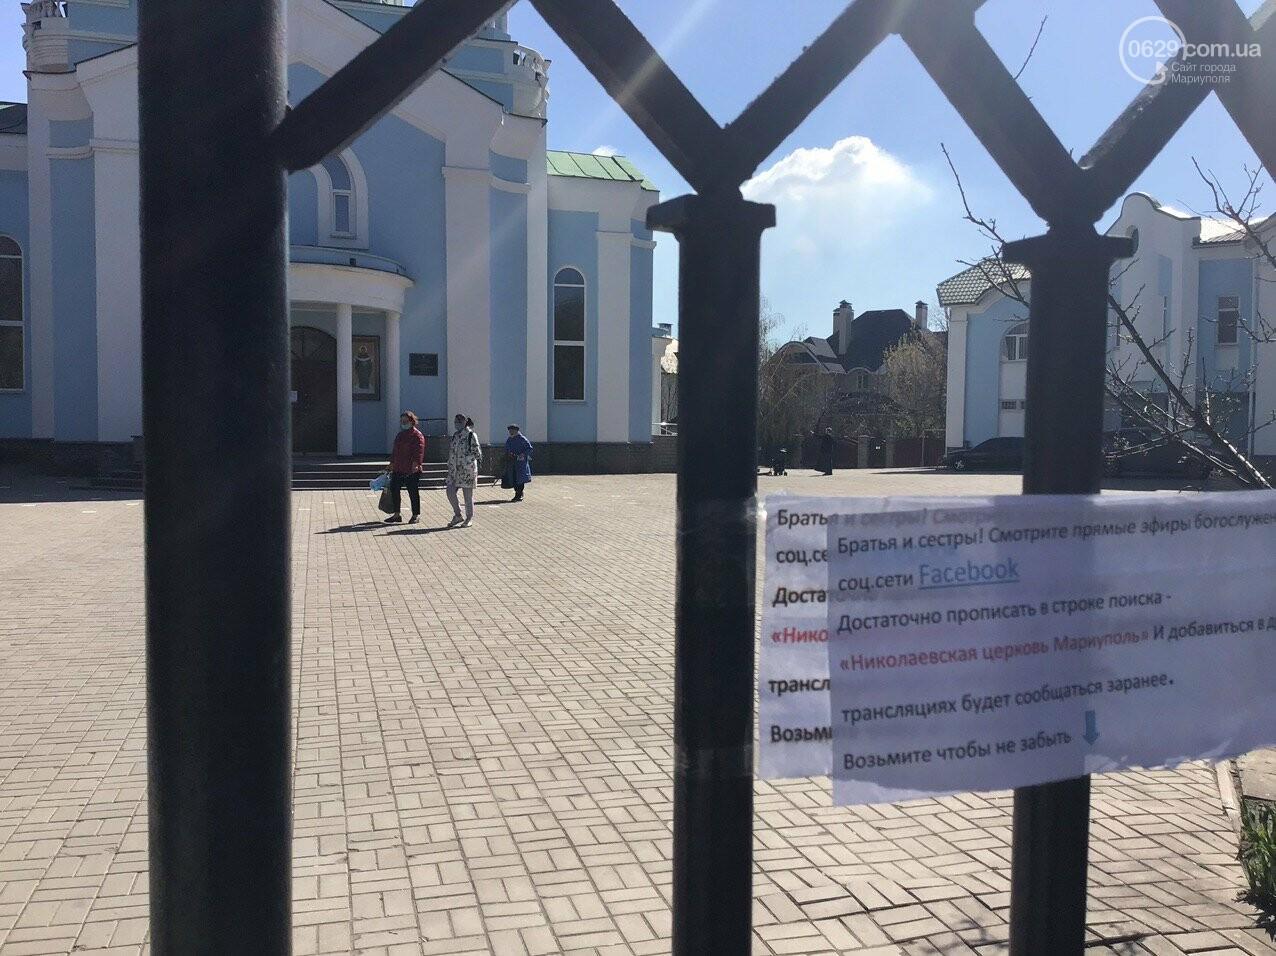 Вербное воскресенье в Мариуполе: как в храмах соблюдают карантин, - ФОТО, ВИДЕО, фото-7